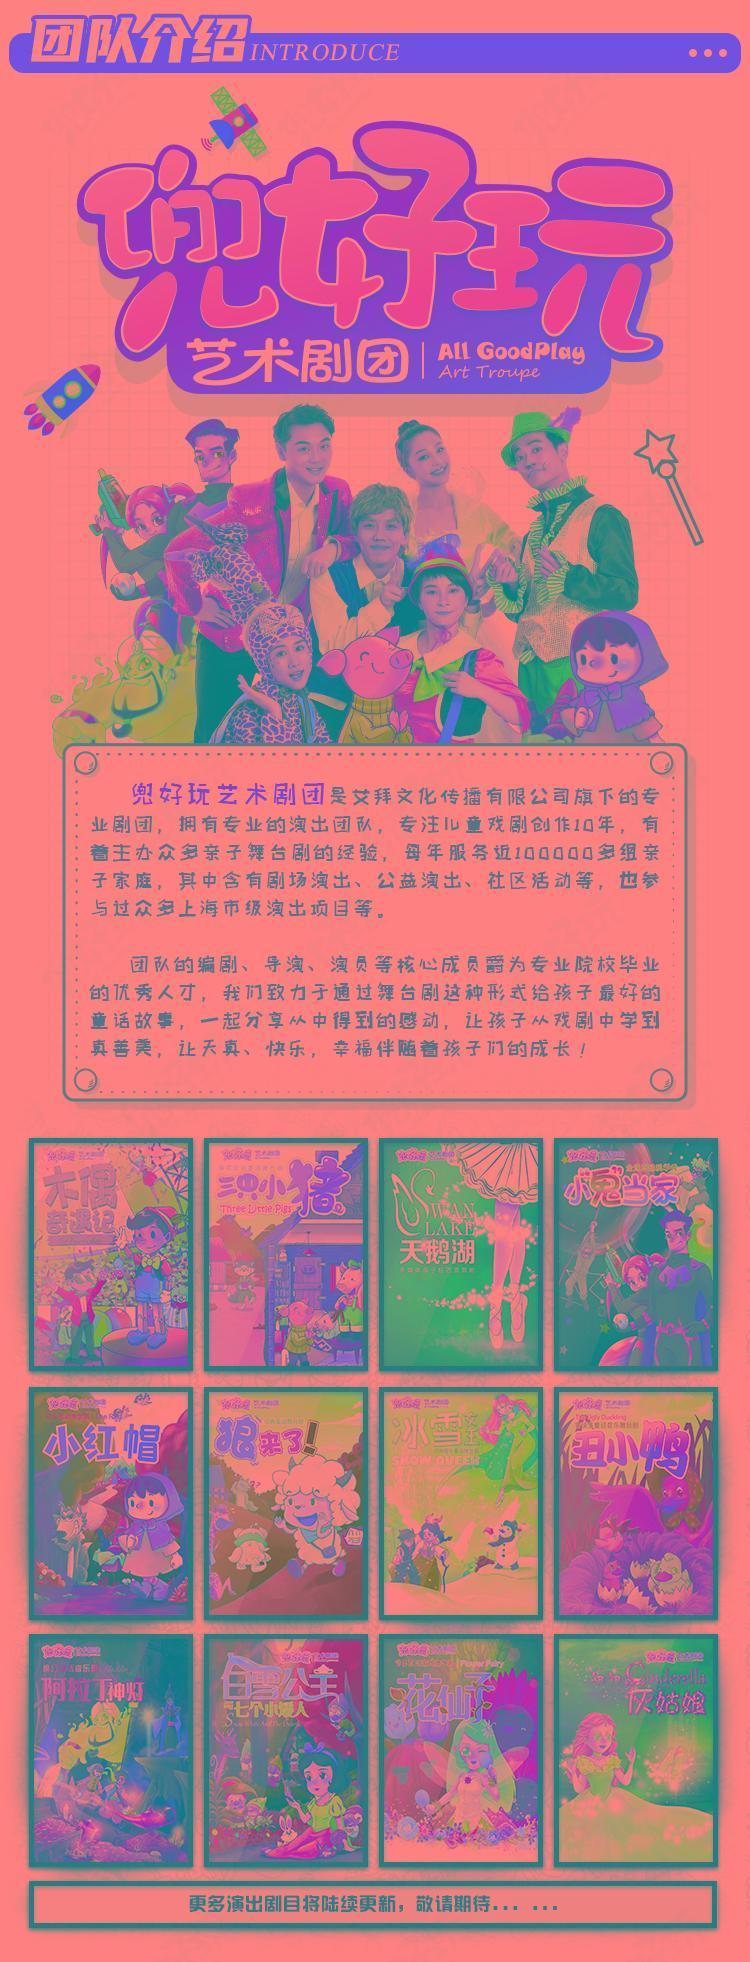 08-团队介绍_01.jpg